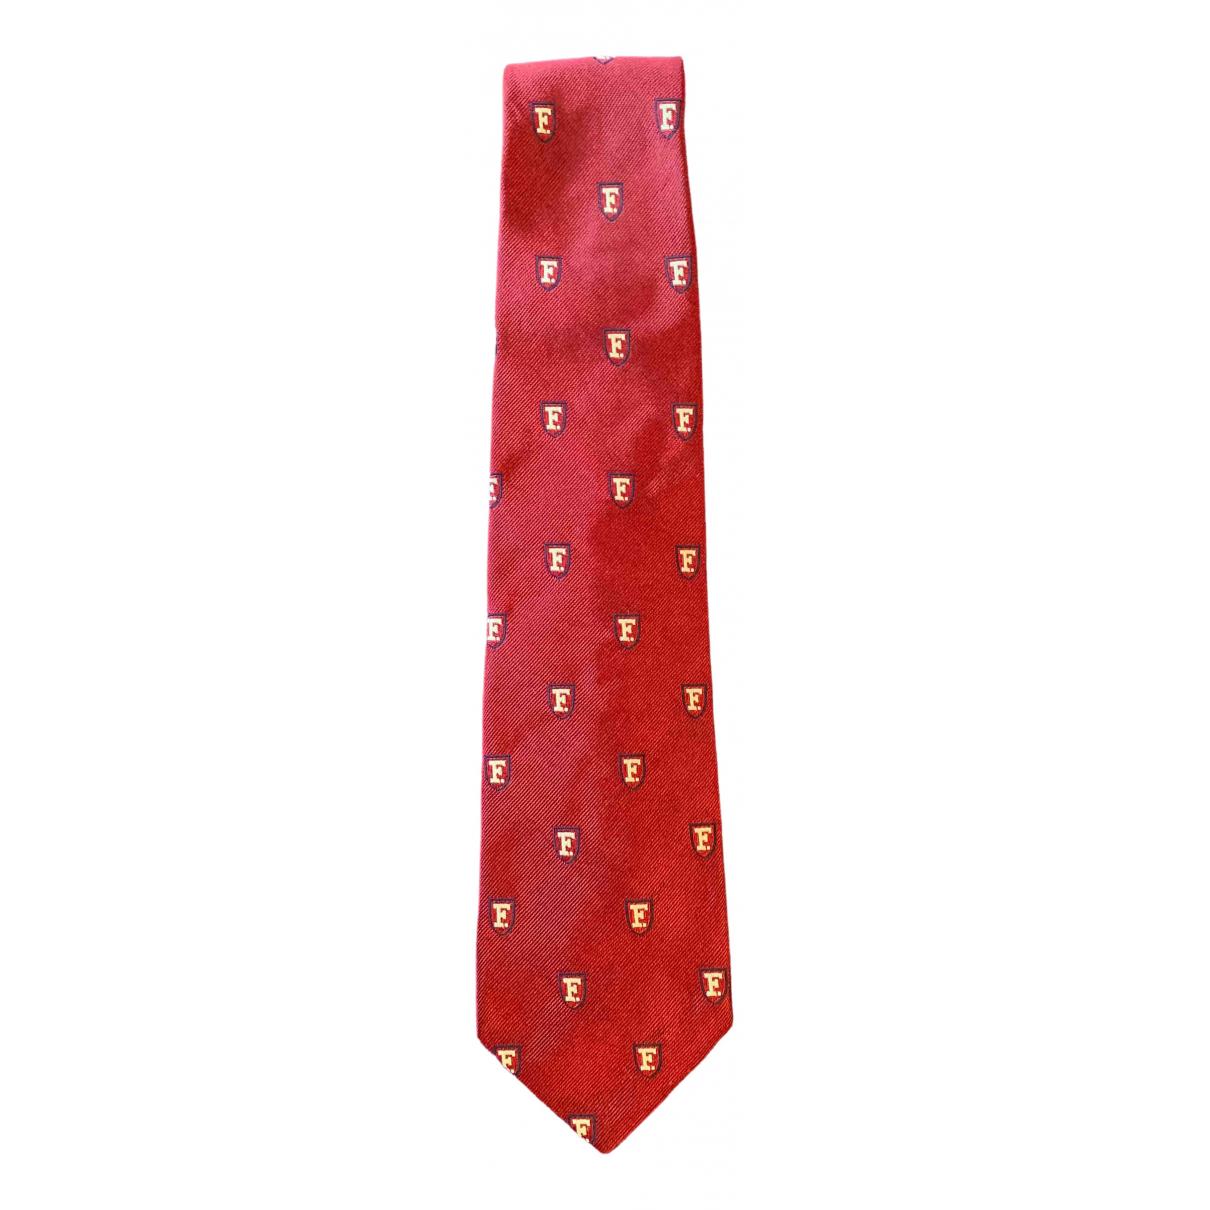 Faconnable \N Krawatten in  Bordeauxrot Seide